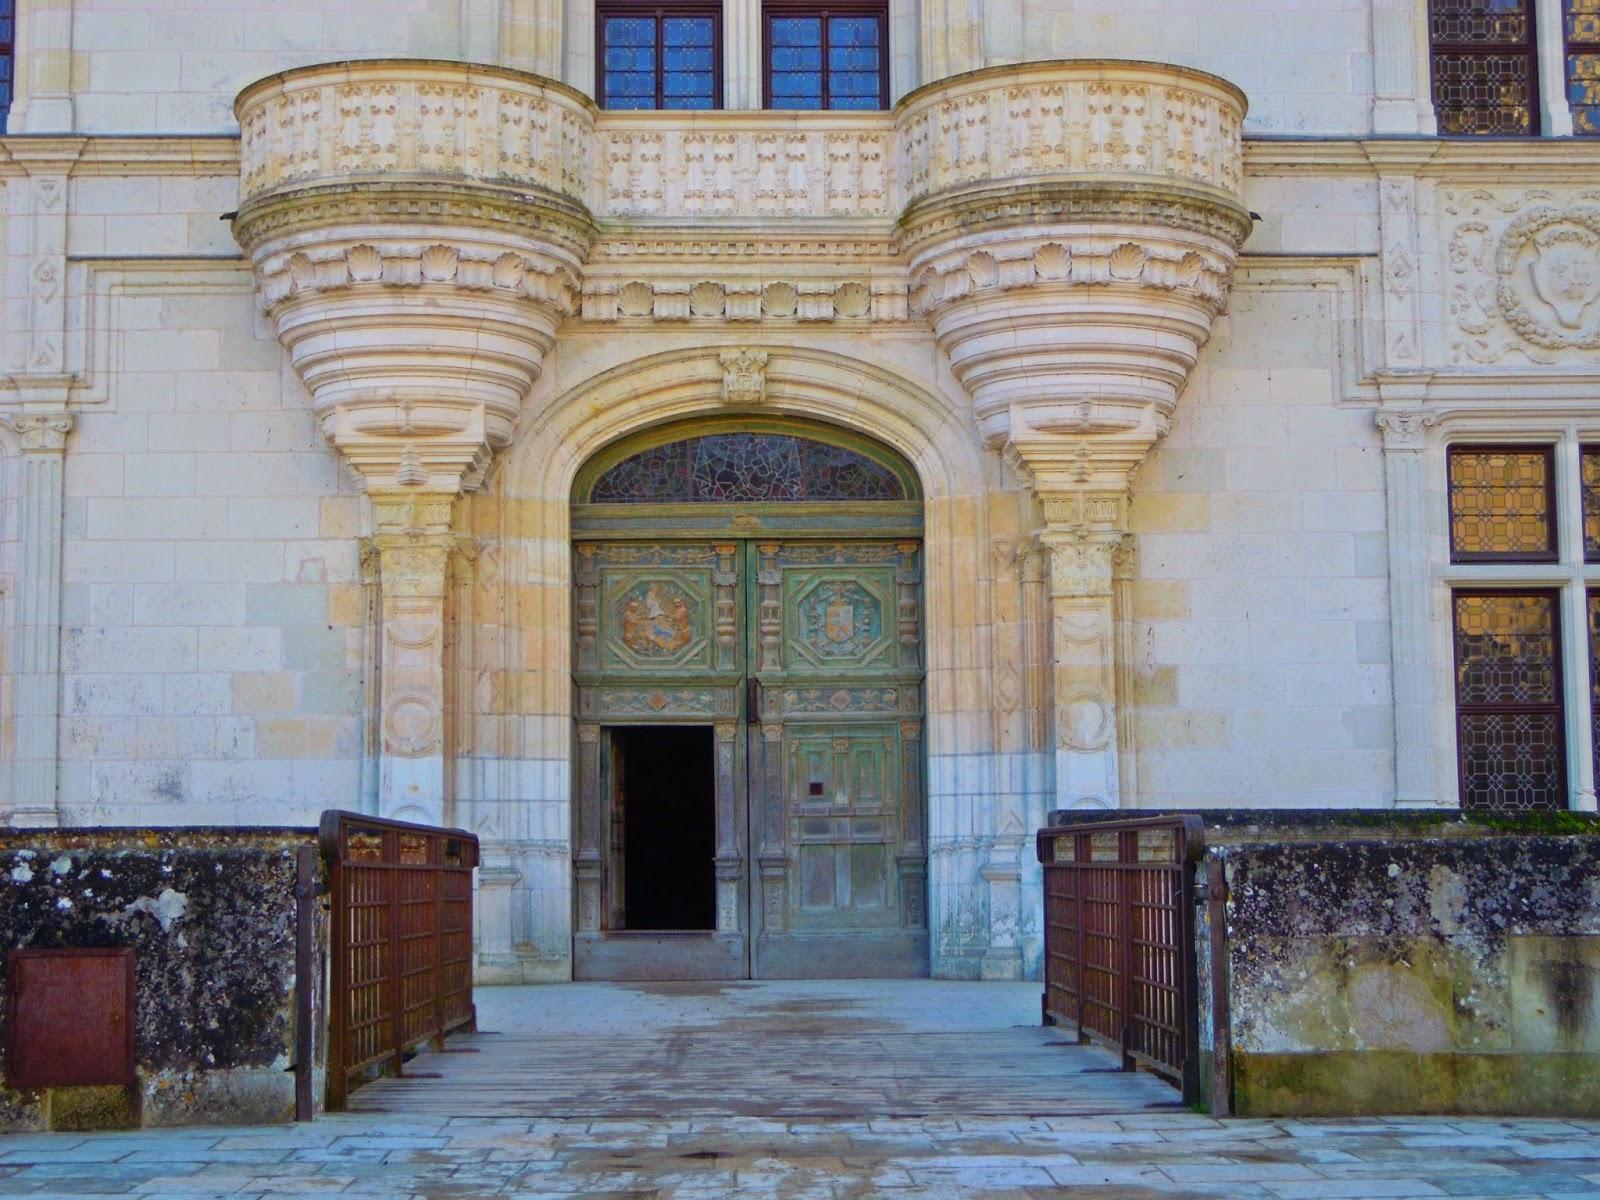 Rencontrez Des Asiatiques à Bayon-sur-Gironde